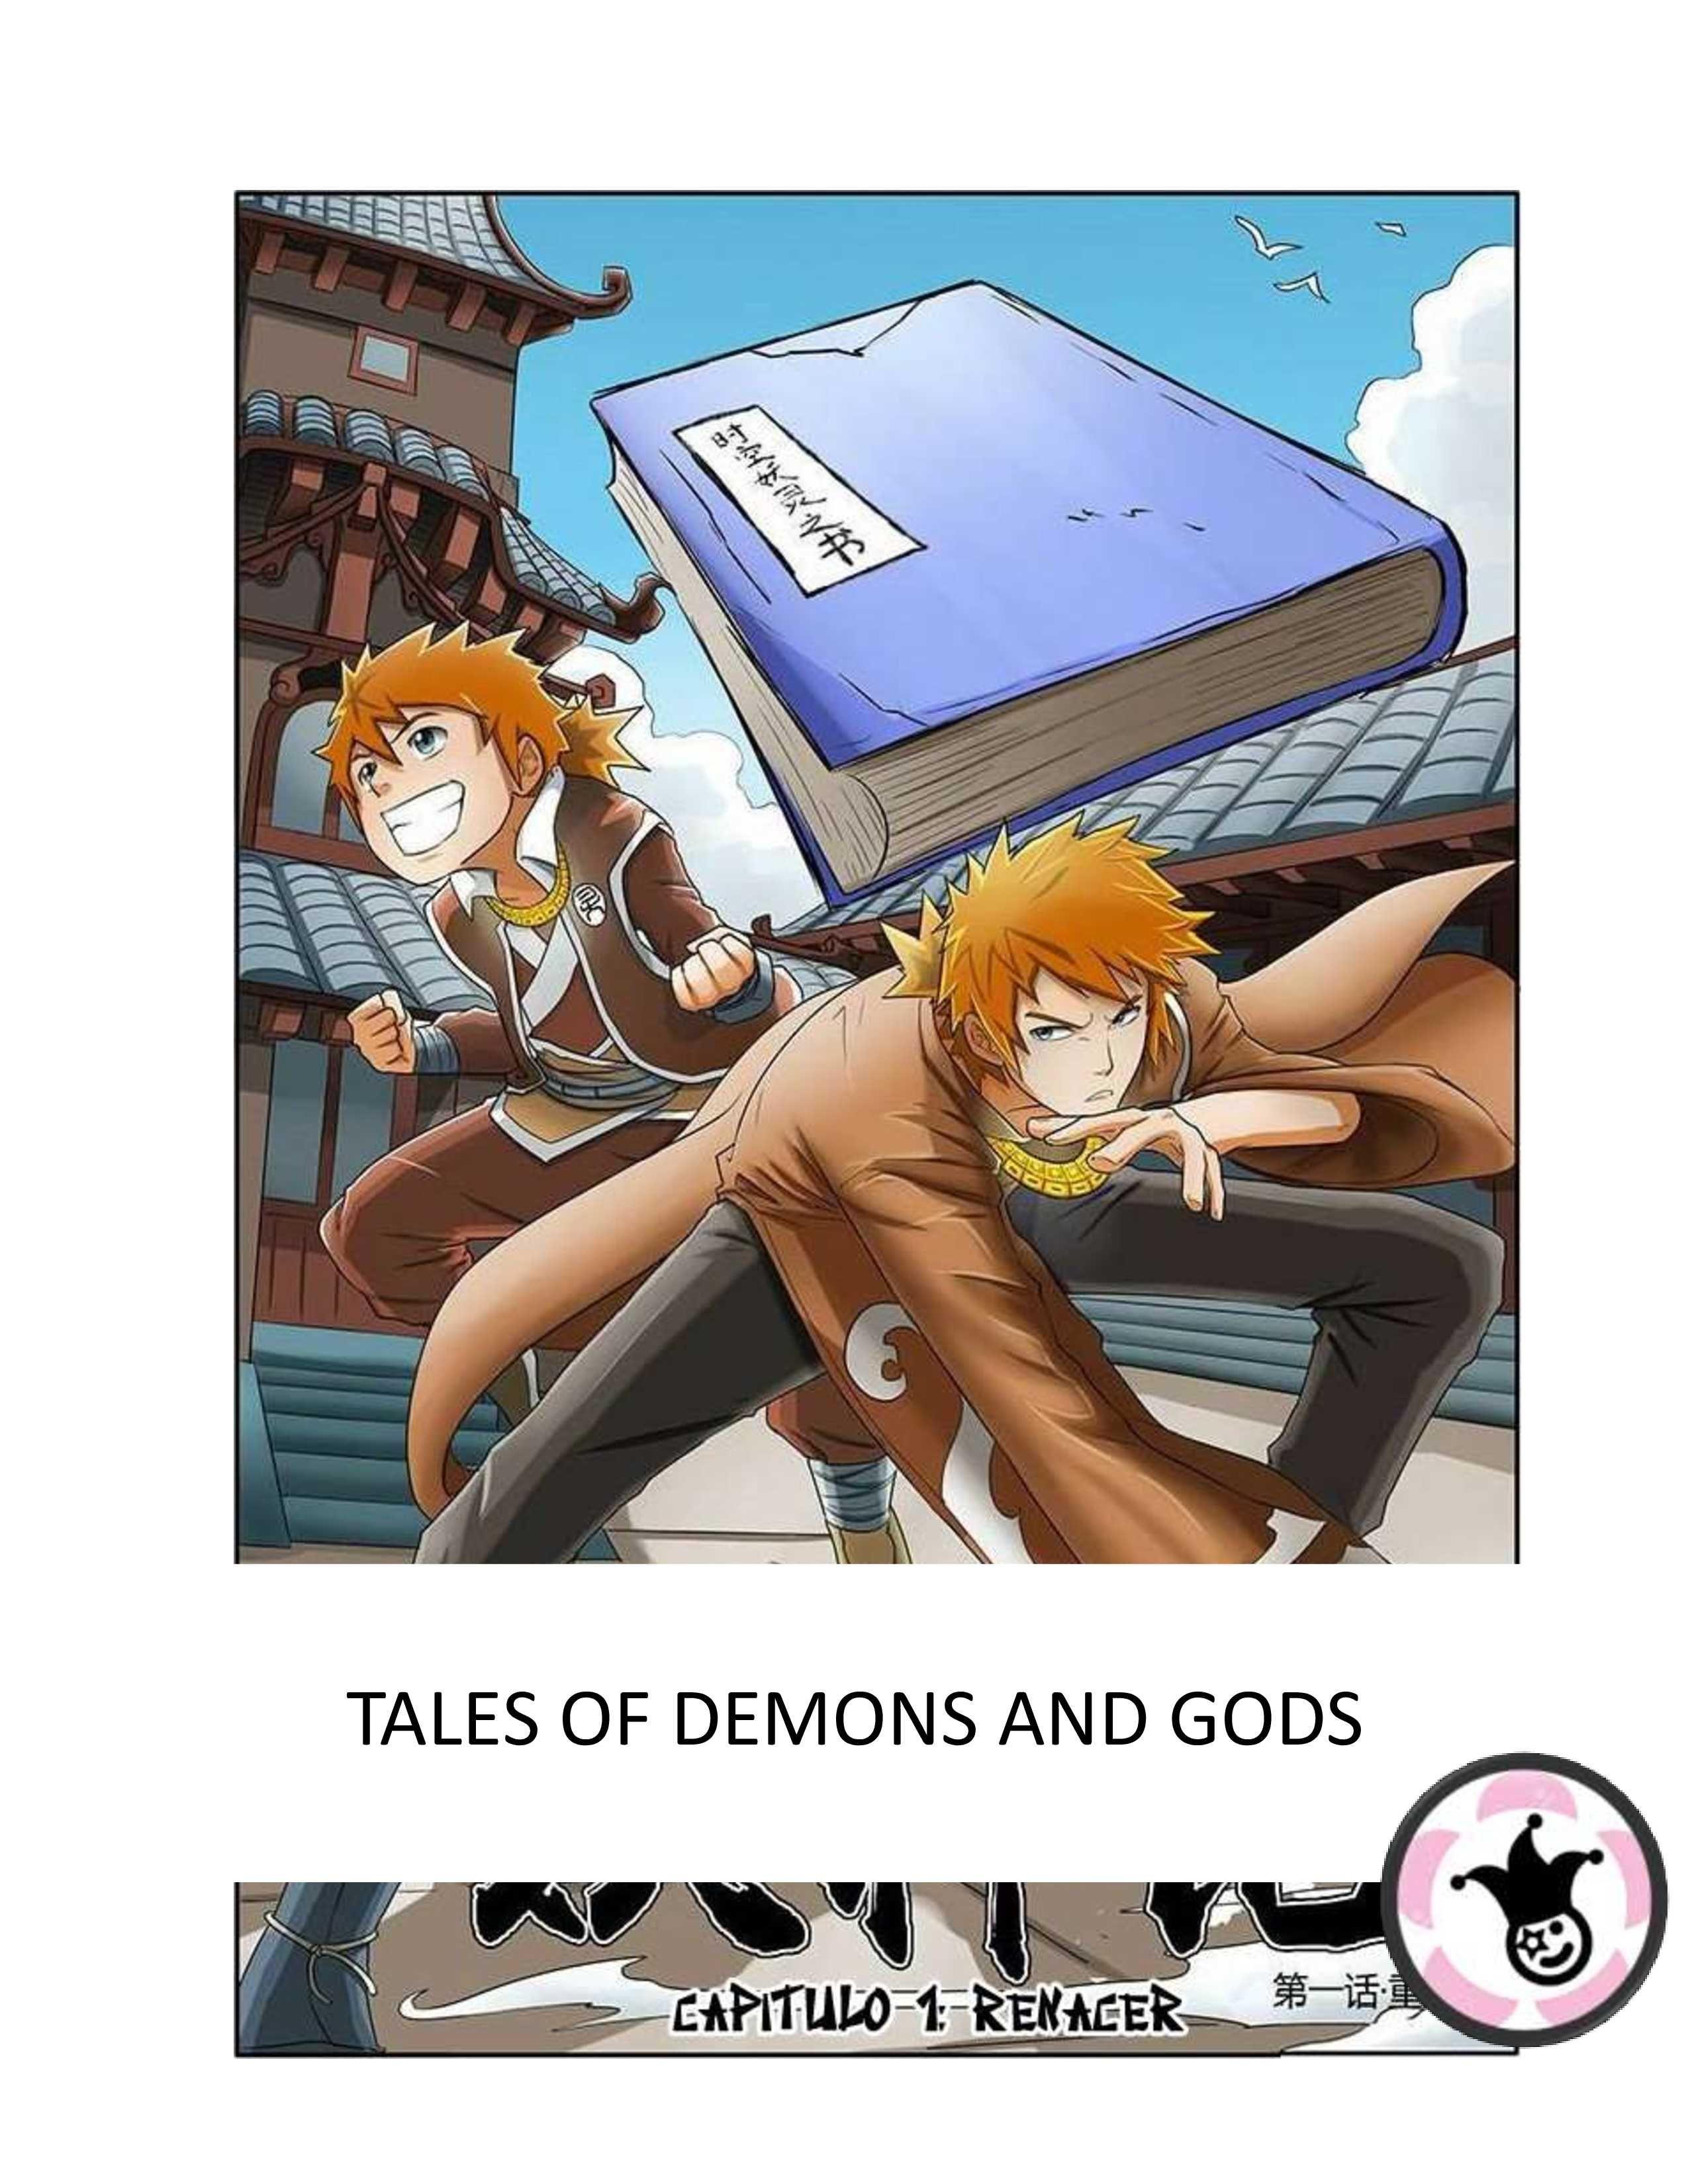 https://c5.mangatag.com/es_manga/44/20012/484376/ddd1e5c1ecd6aea90094f247772f9c69.jpg Page 1